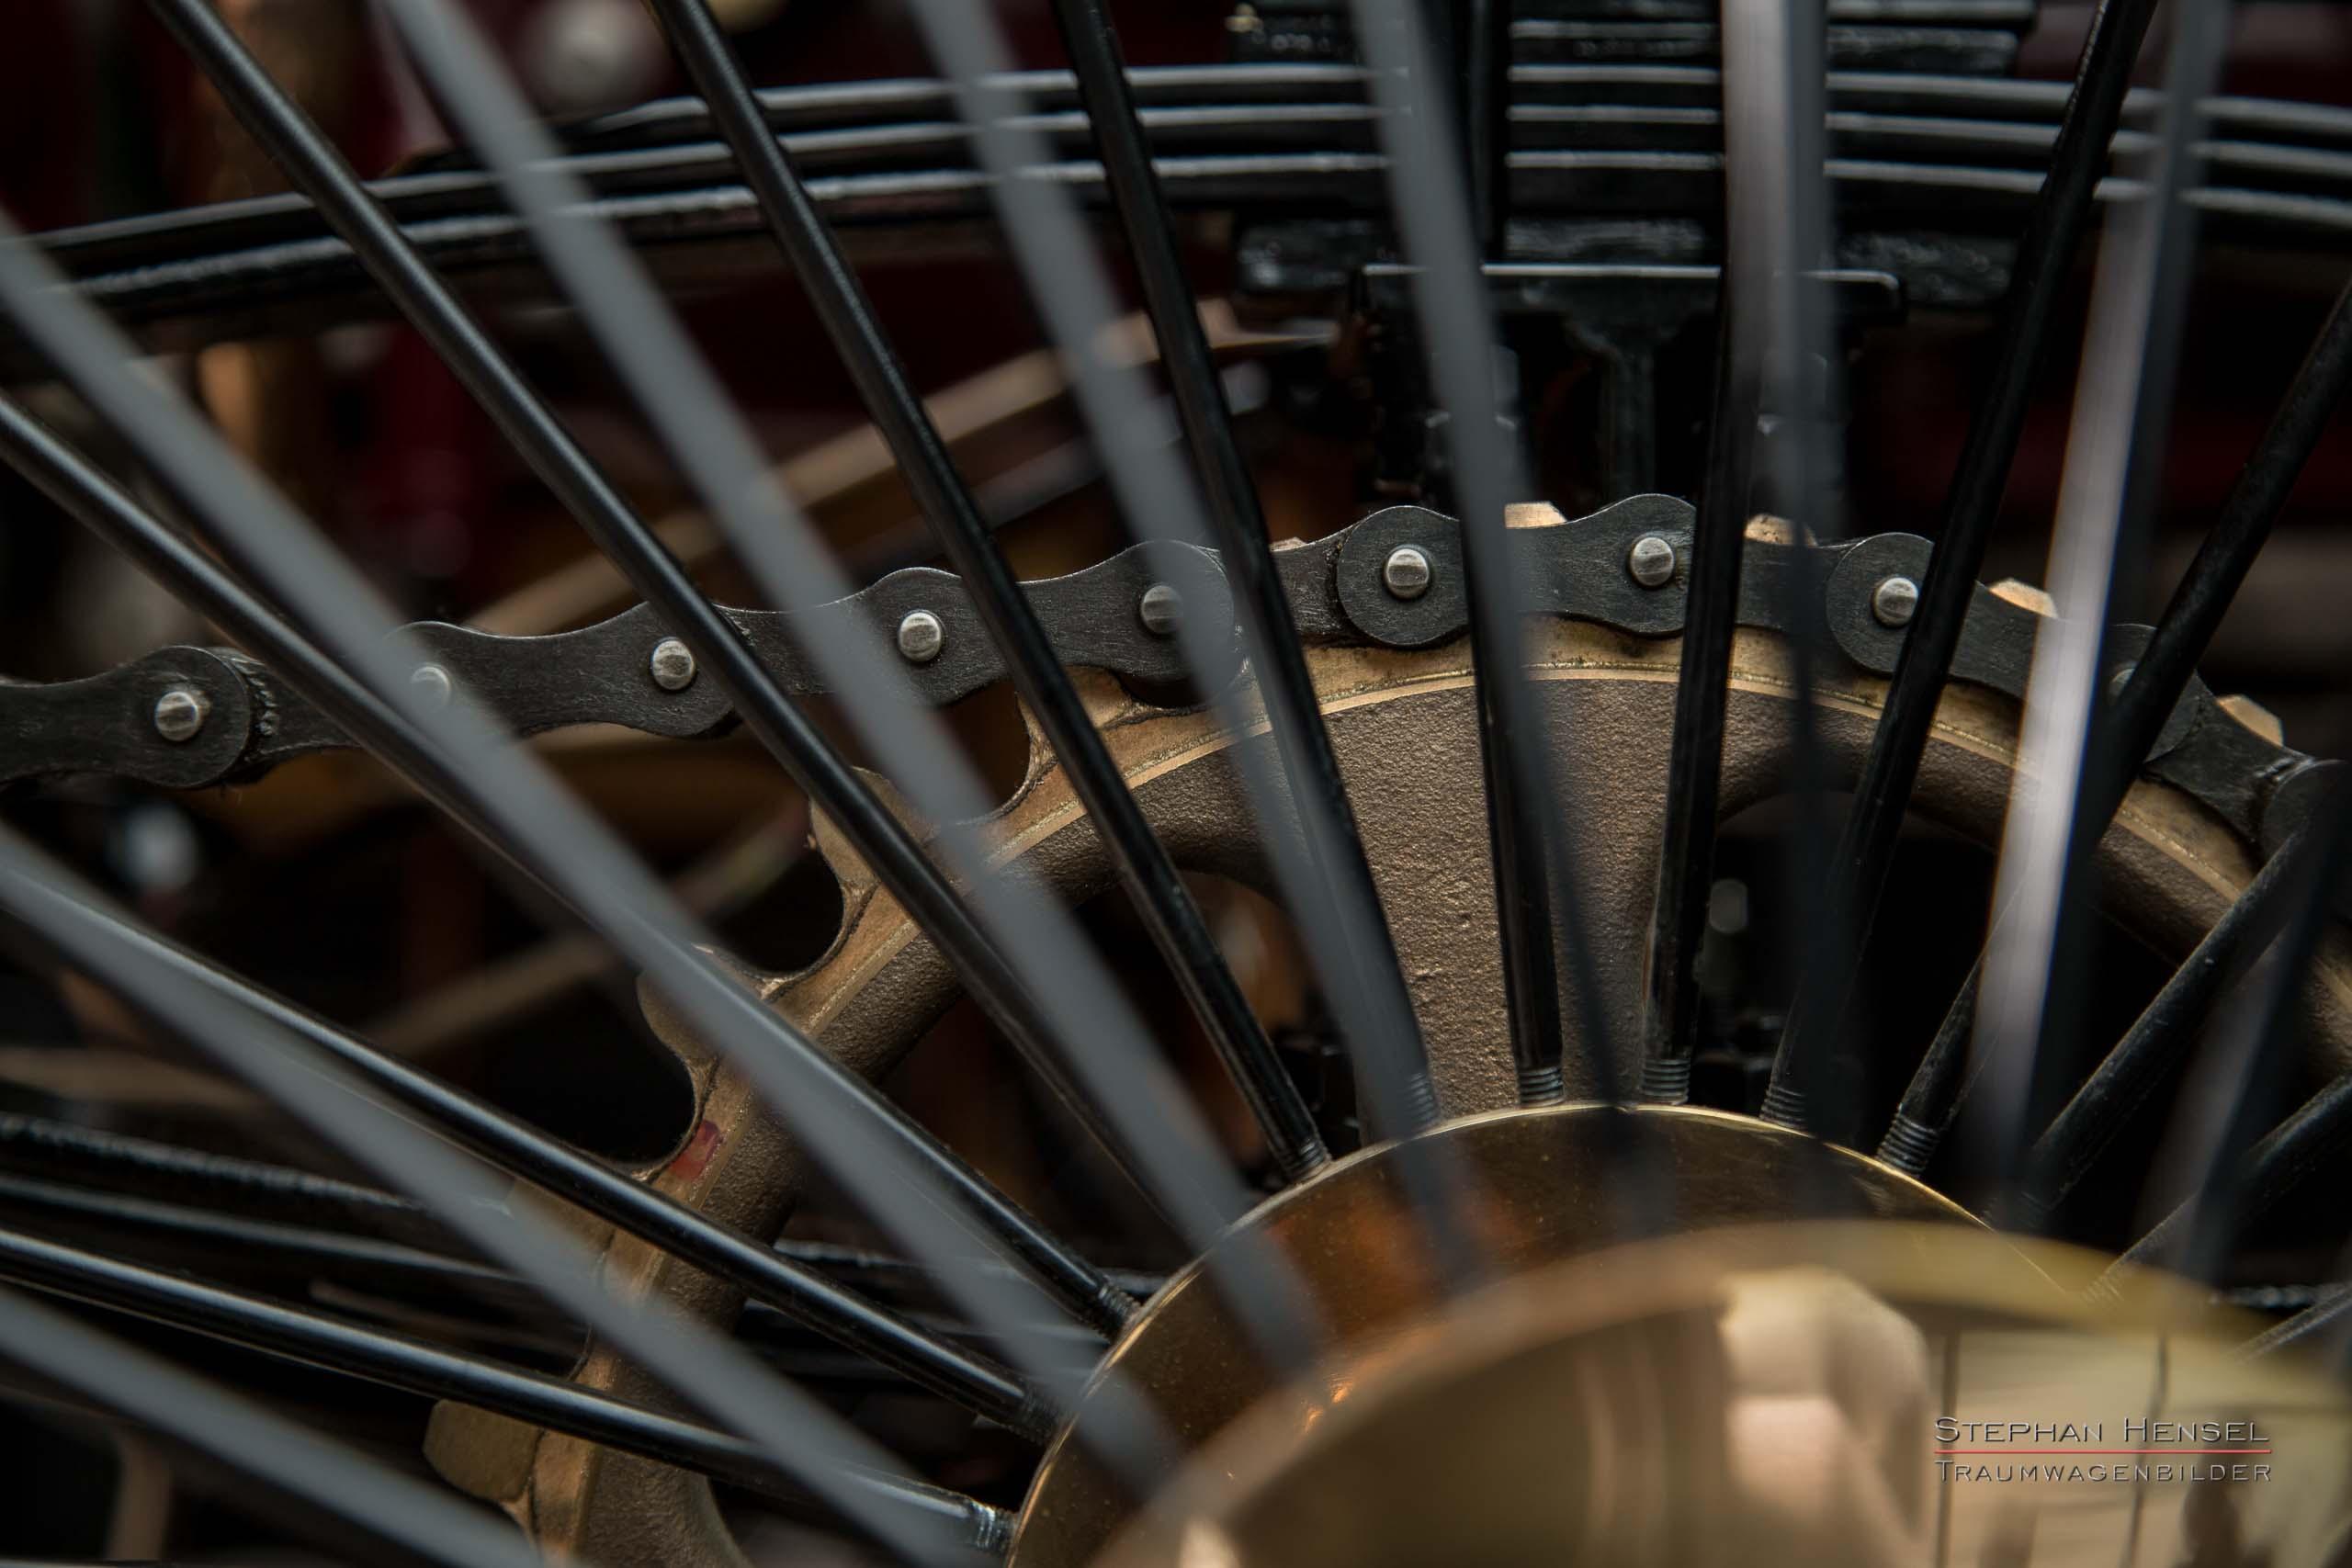 Benz Patent-Motorwagen Nr.1, Das erste Automobil, Detailansicht Kettenantrieb, Oldtimerfotografie: Stephan Hensel, Hamburg, Oldtimerfotograf, Oldtimer, Oldtimerfotografie